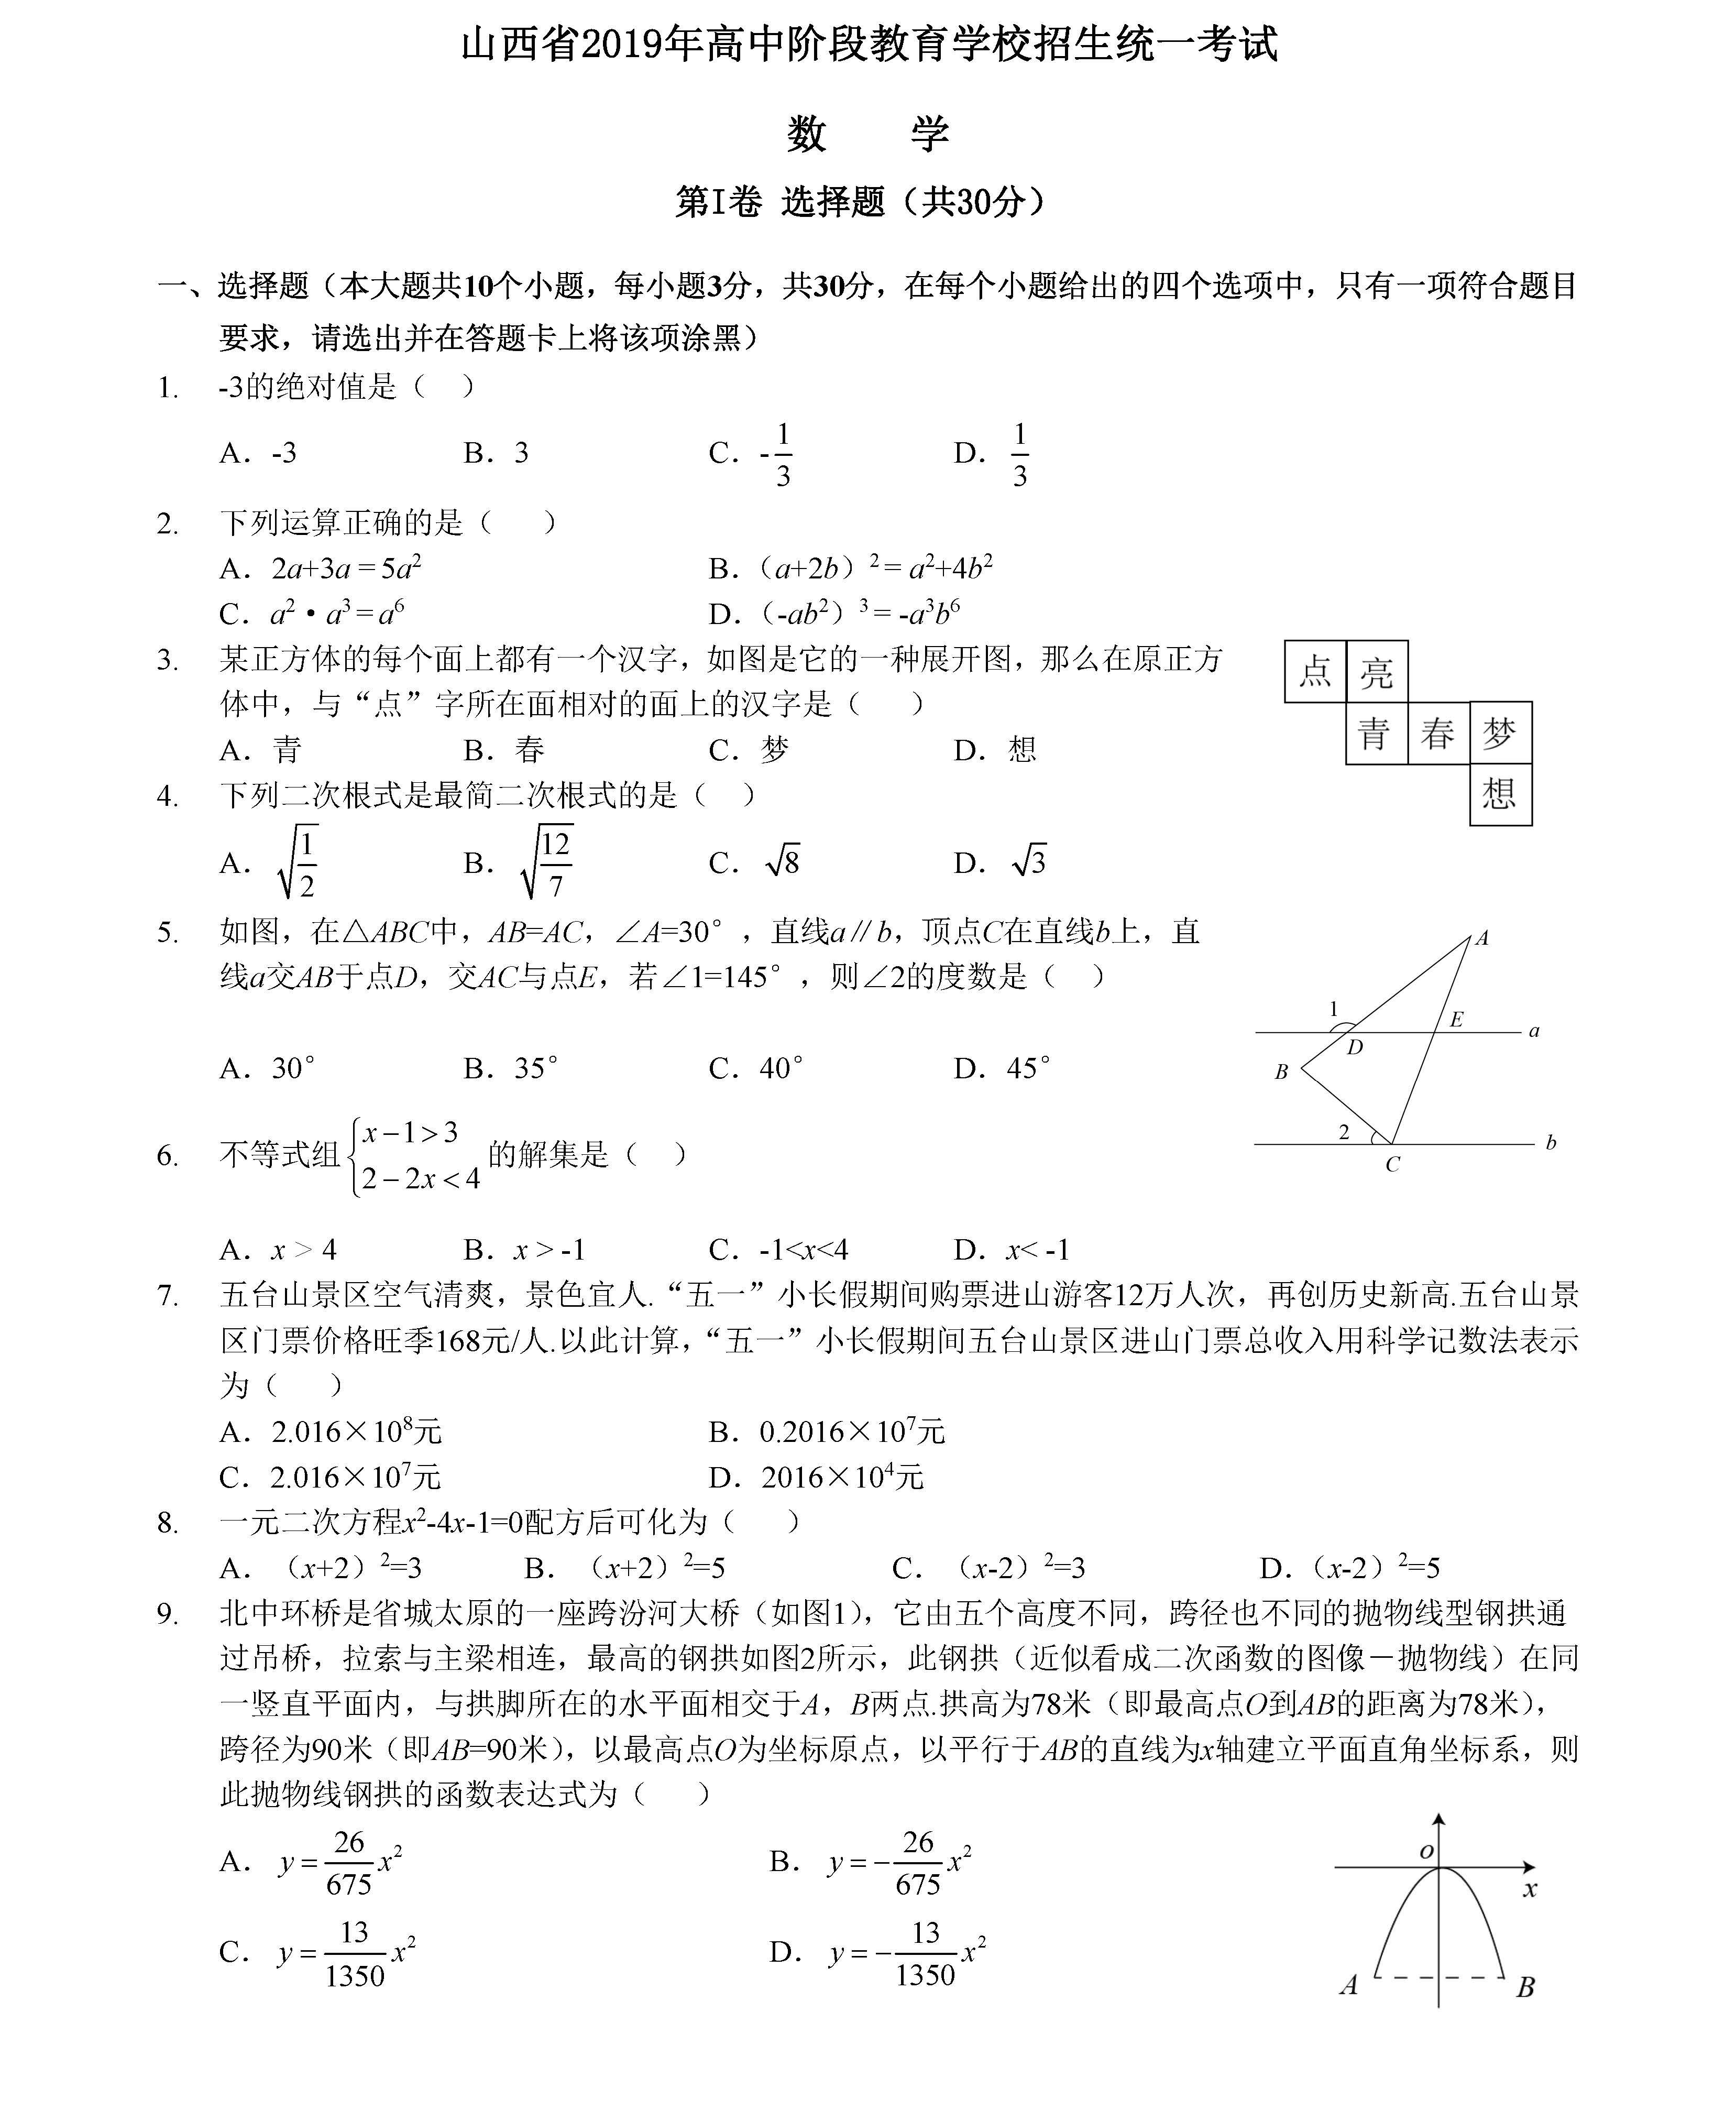 2019山西中考数学试题答案逐题解析